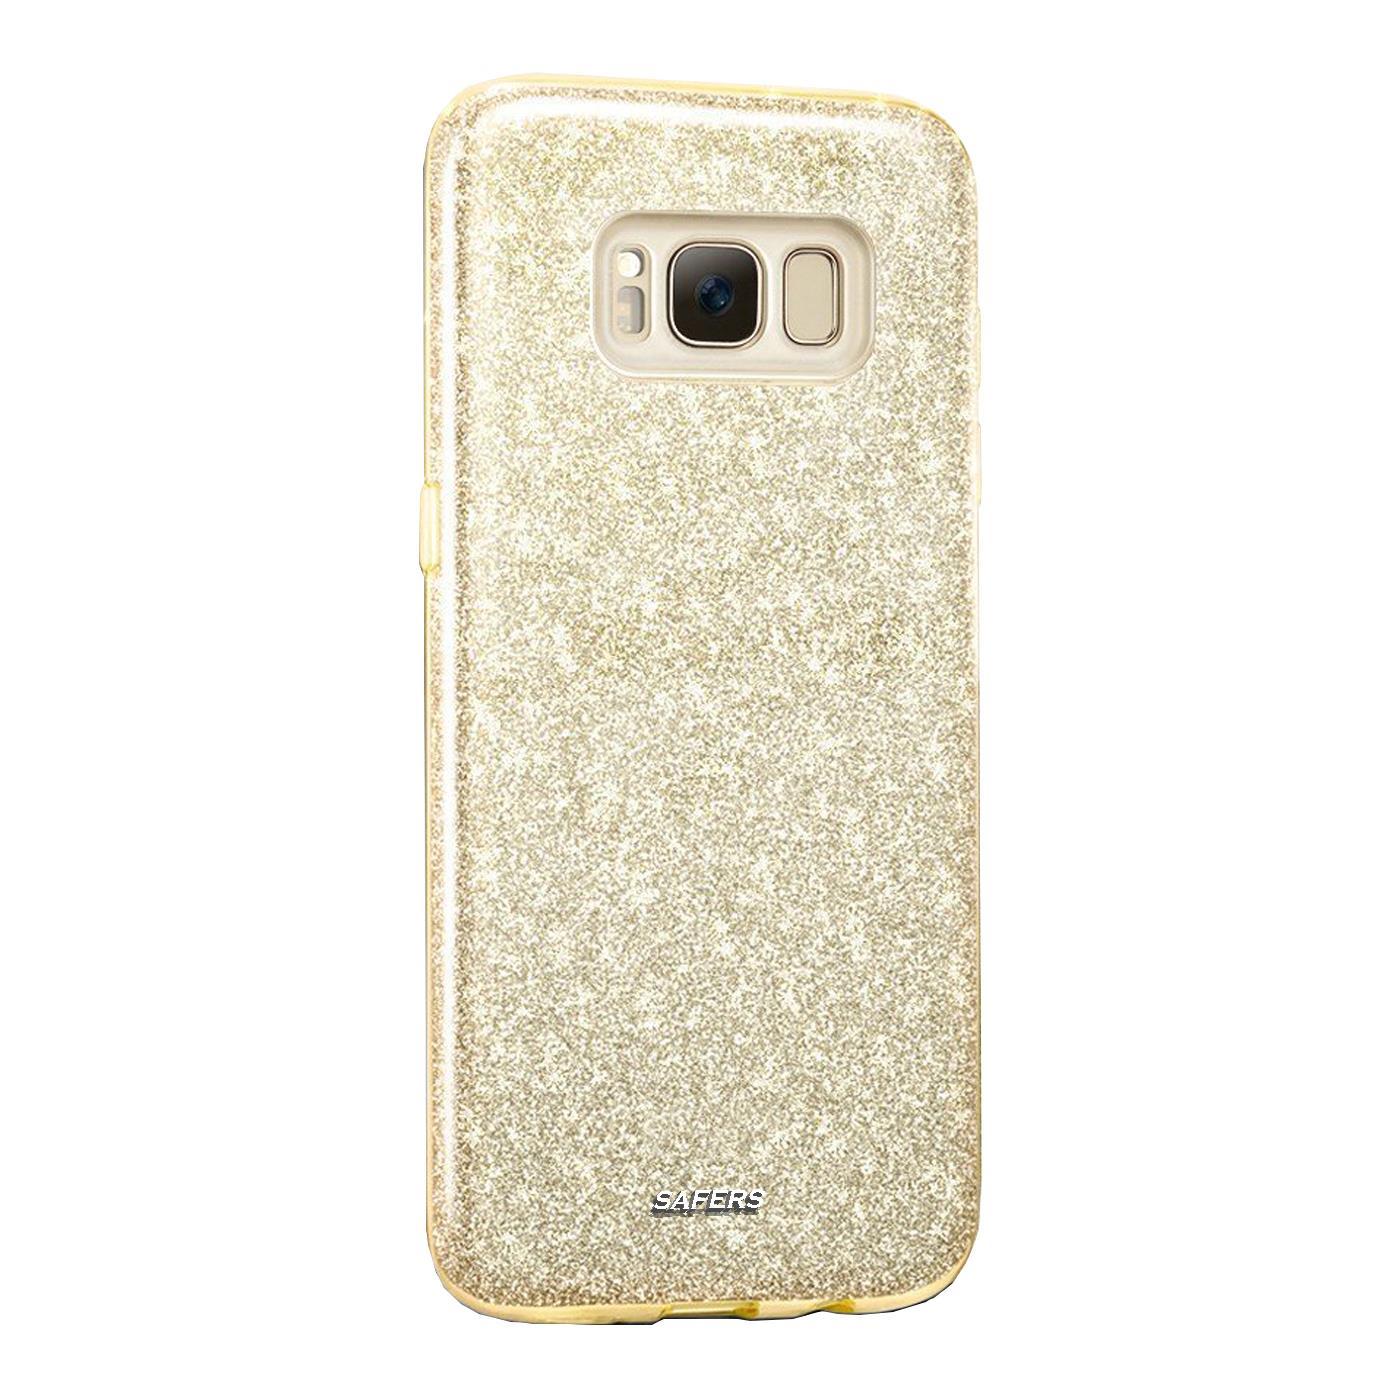 Handy-Glitzer-Huelle-fuer-Samsung-Galaxy-Slim-TPU-Cover-Case-Silikon-Schutz-Tasche Indexbild 6